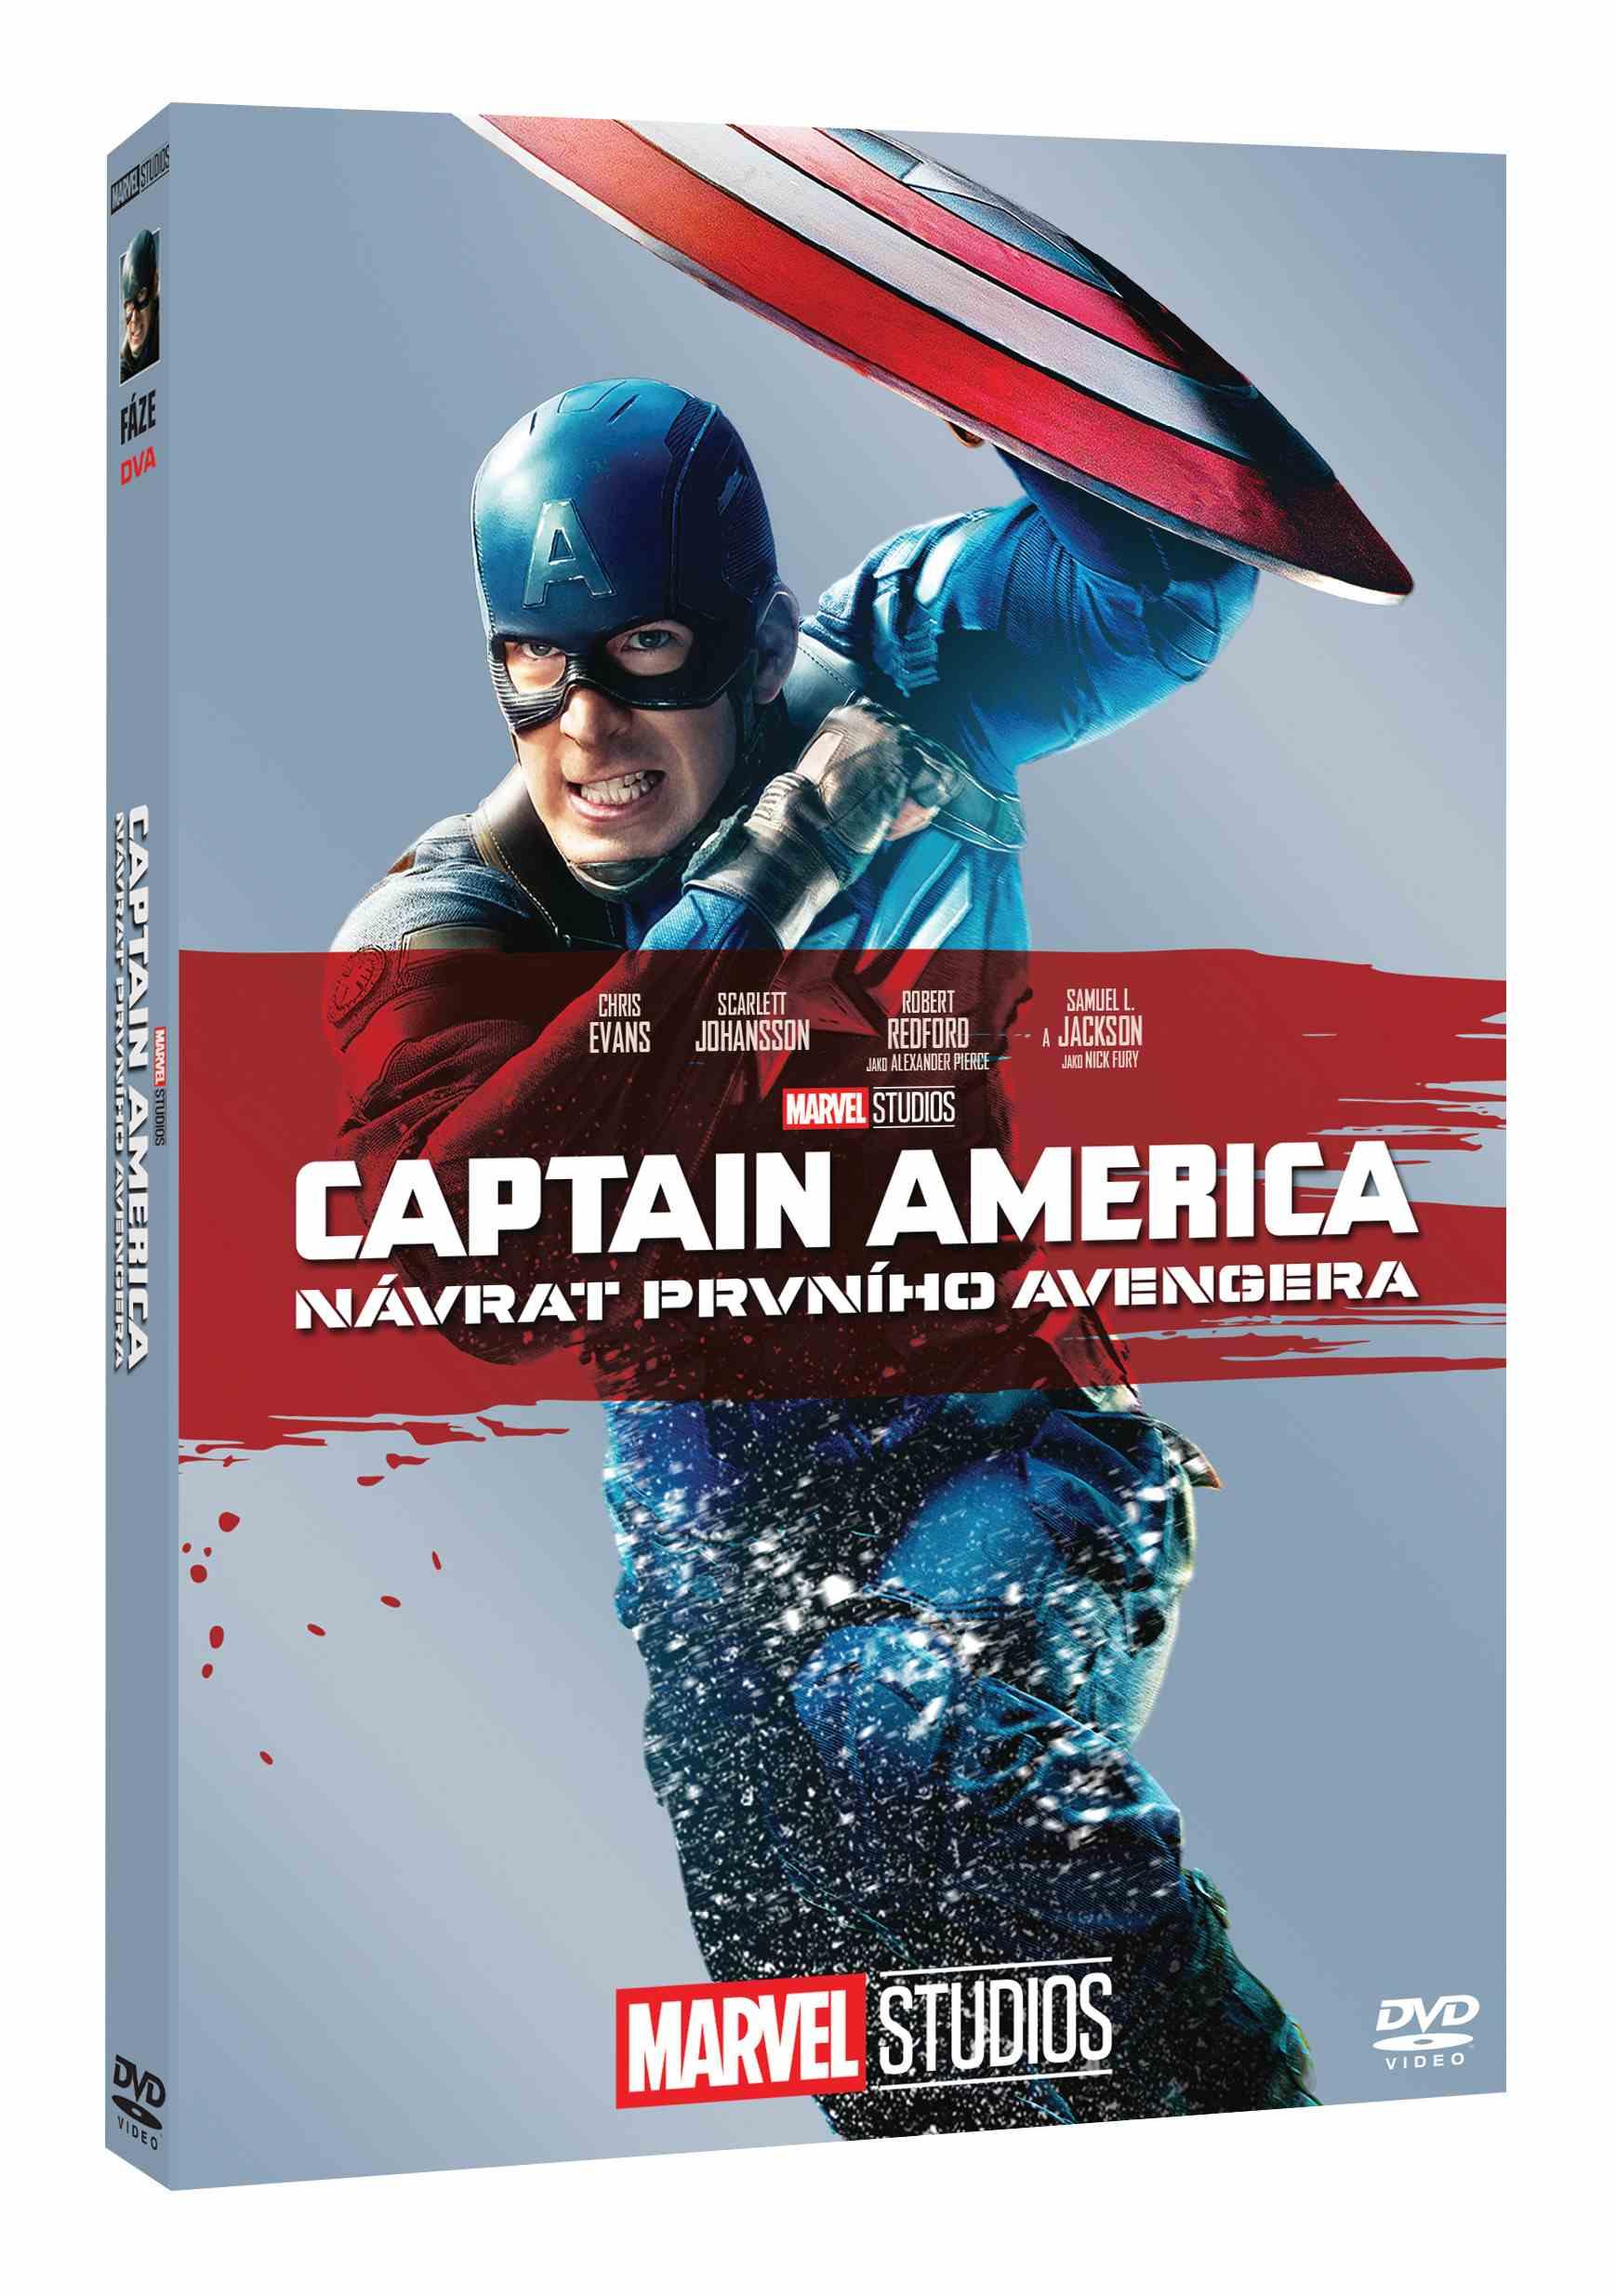 CAPTAIN AMERICA: NÁVRAT PRVNÍHO AVENGERA - DVD